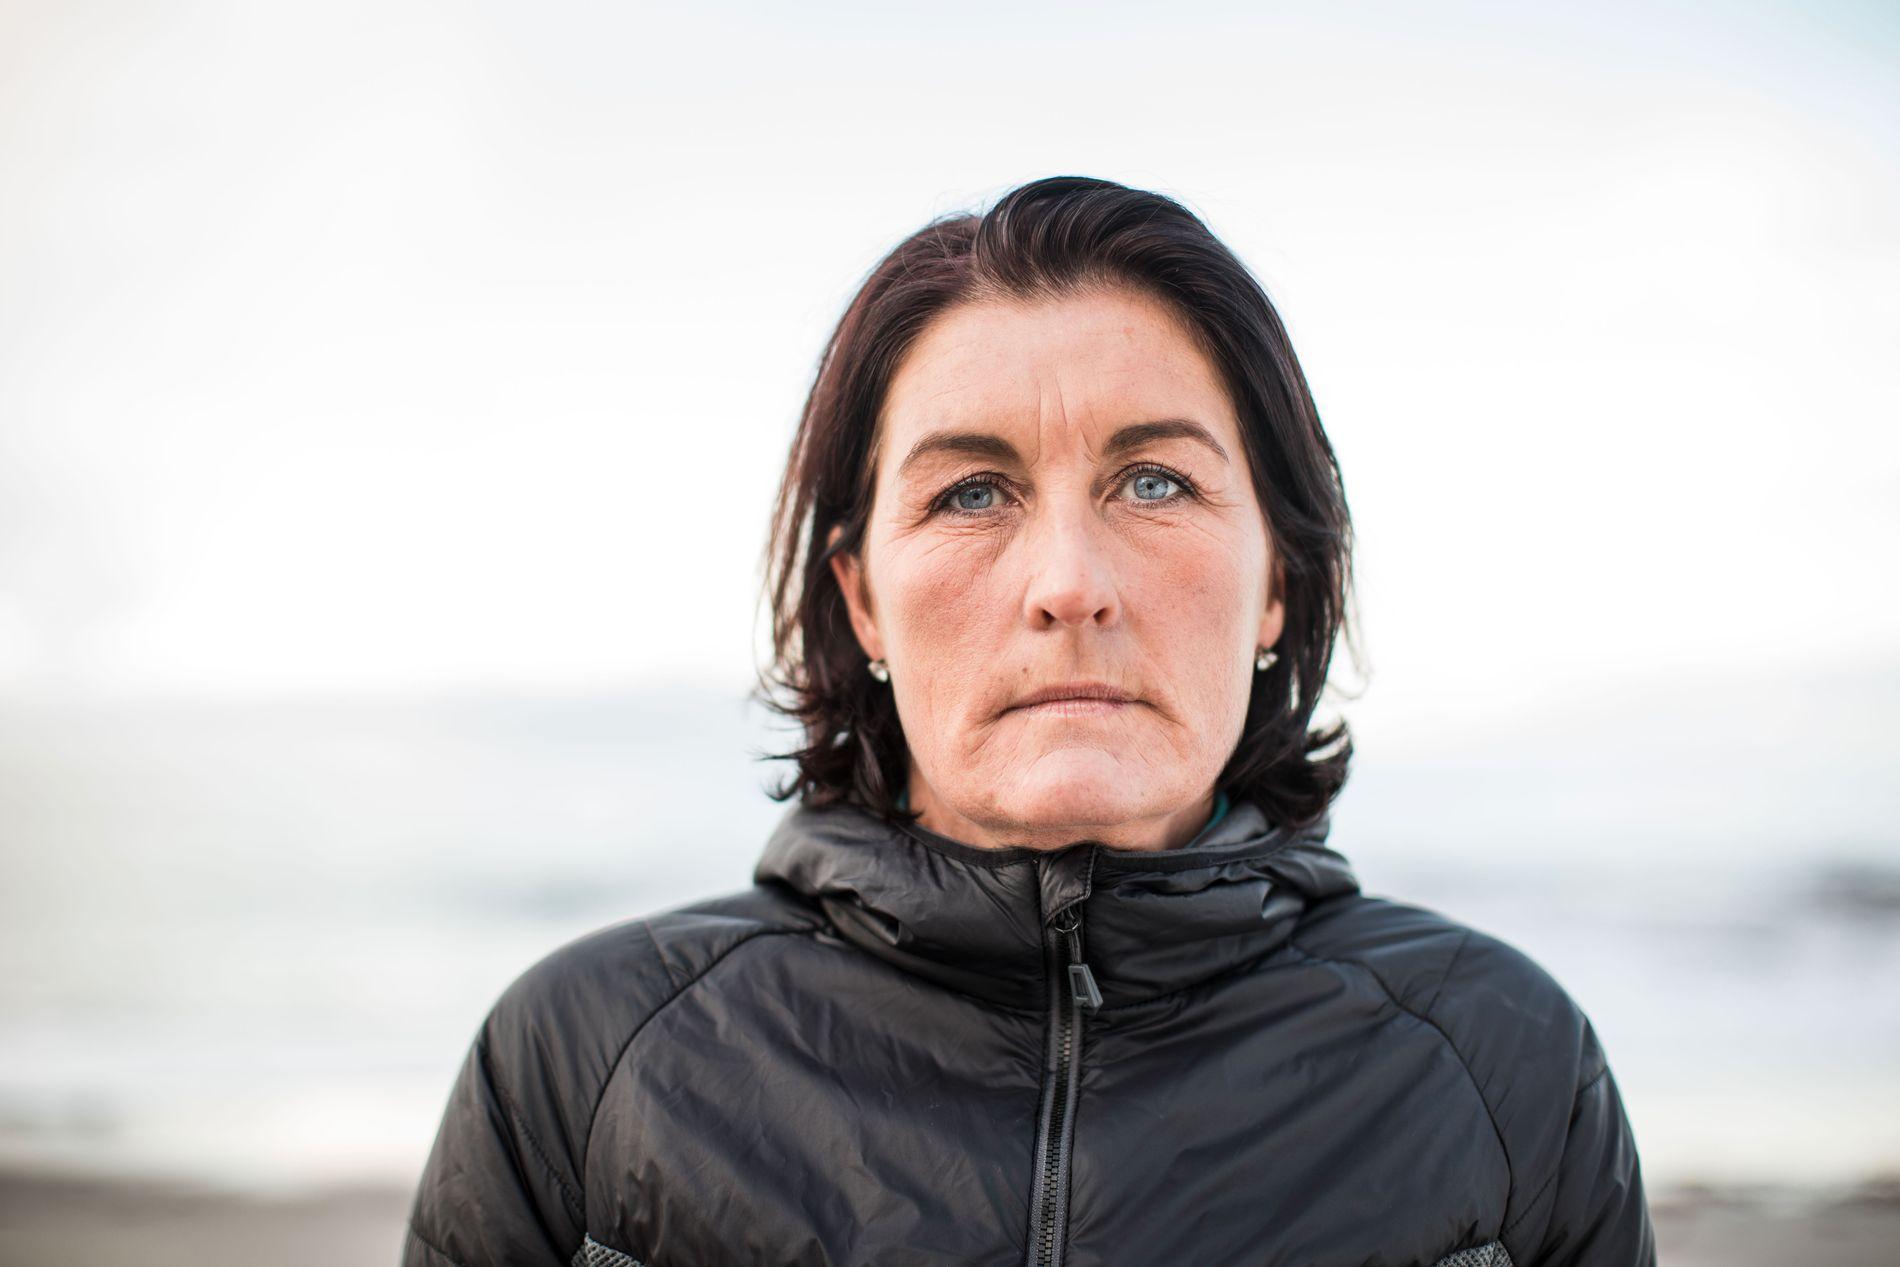 HÅP: Tanja Arntsen har kjempet for å bli trodd i tre år, etter at hun anmeldte en voldtekt i 2015. – Jeg deler min historie for å gi andre håp, sier hun.